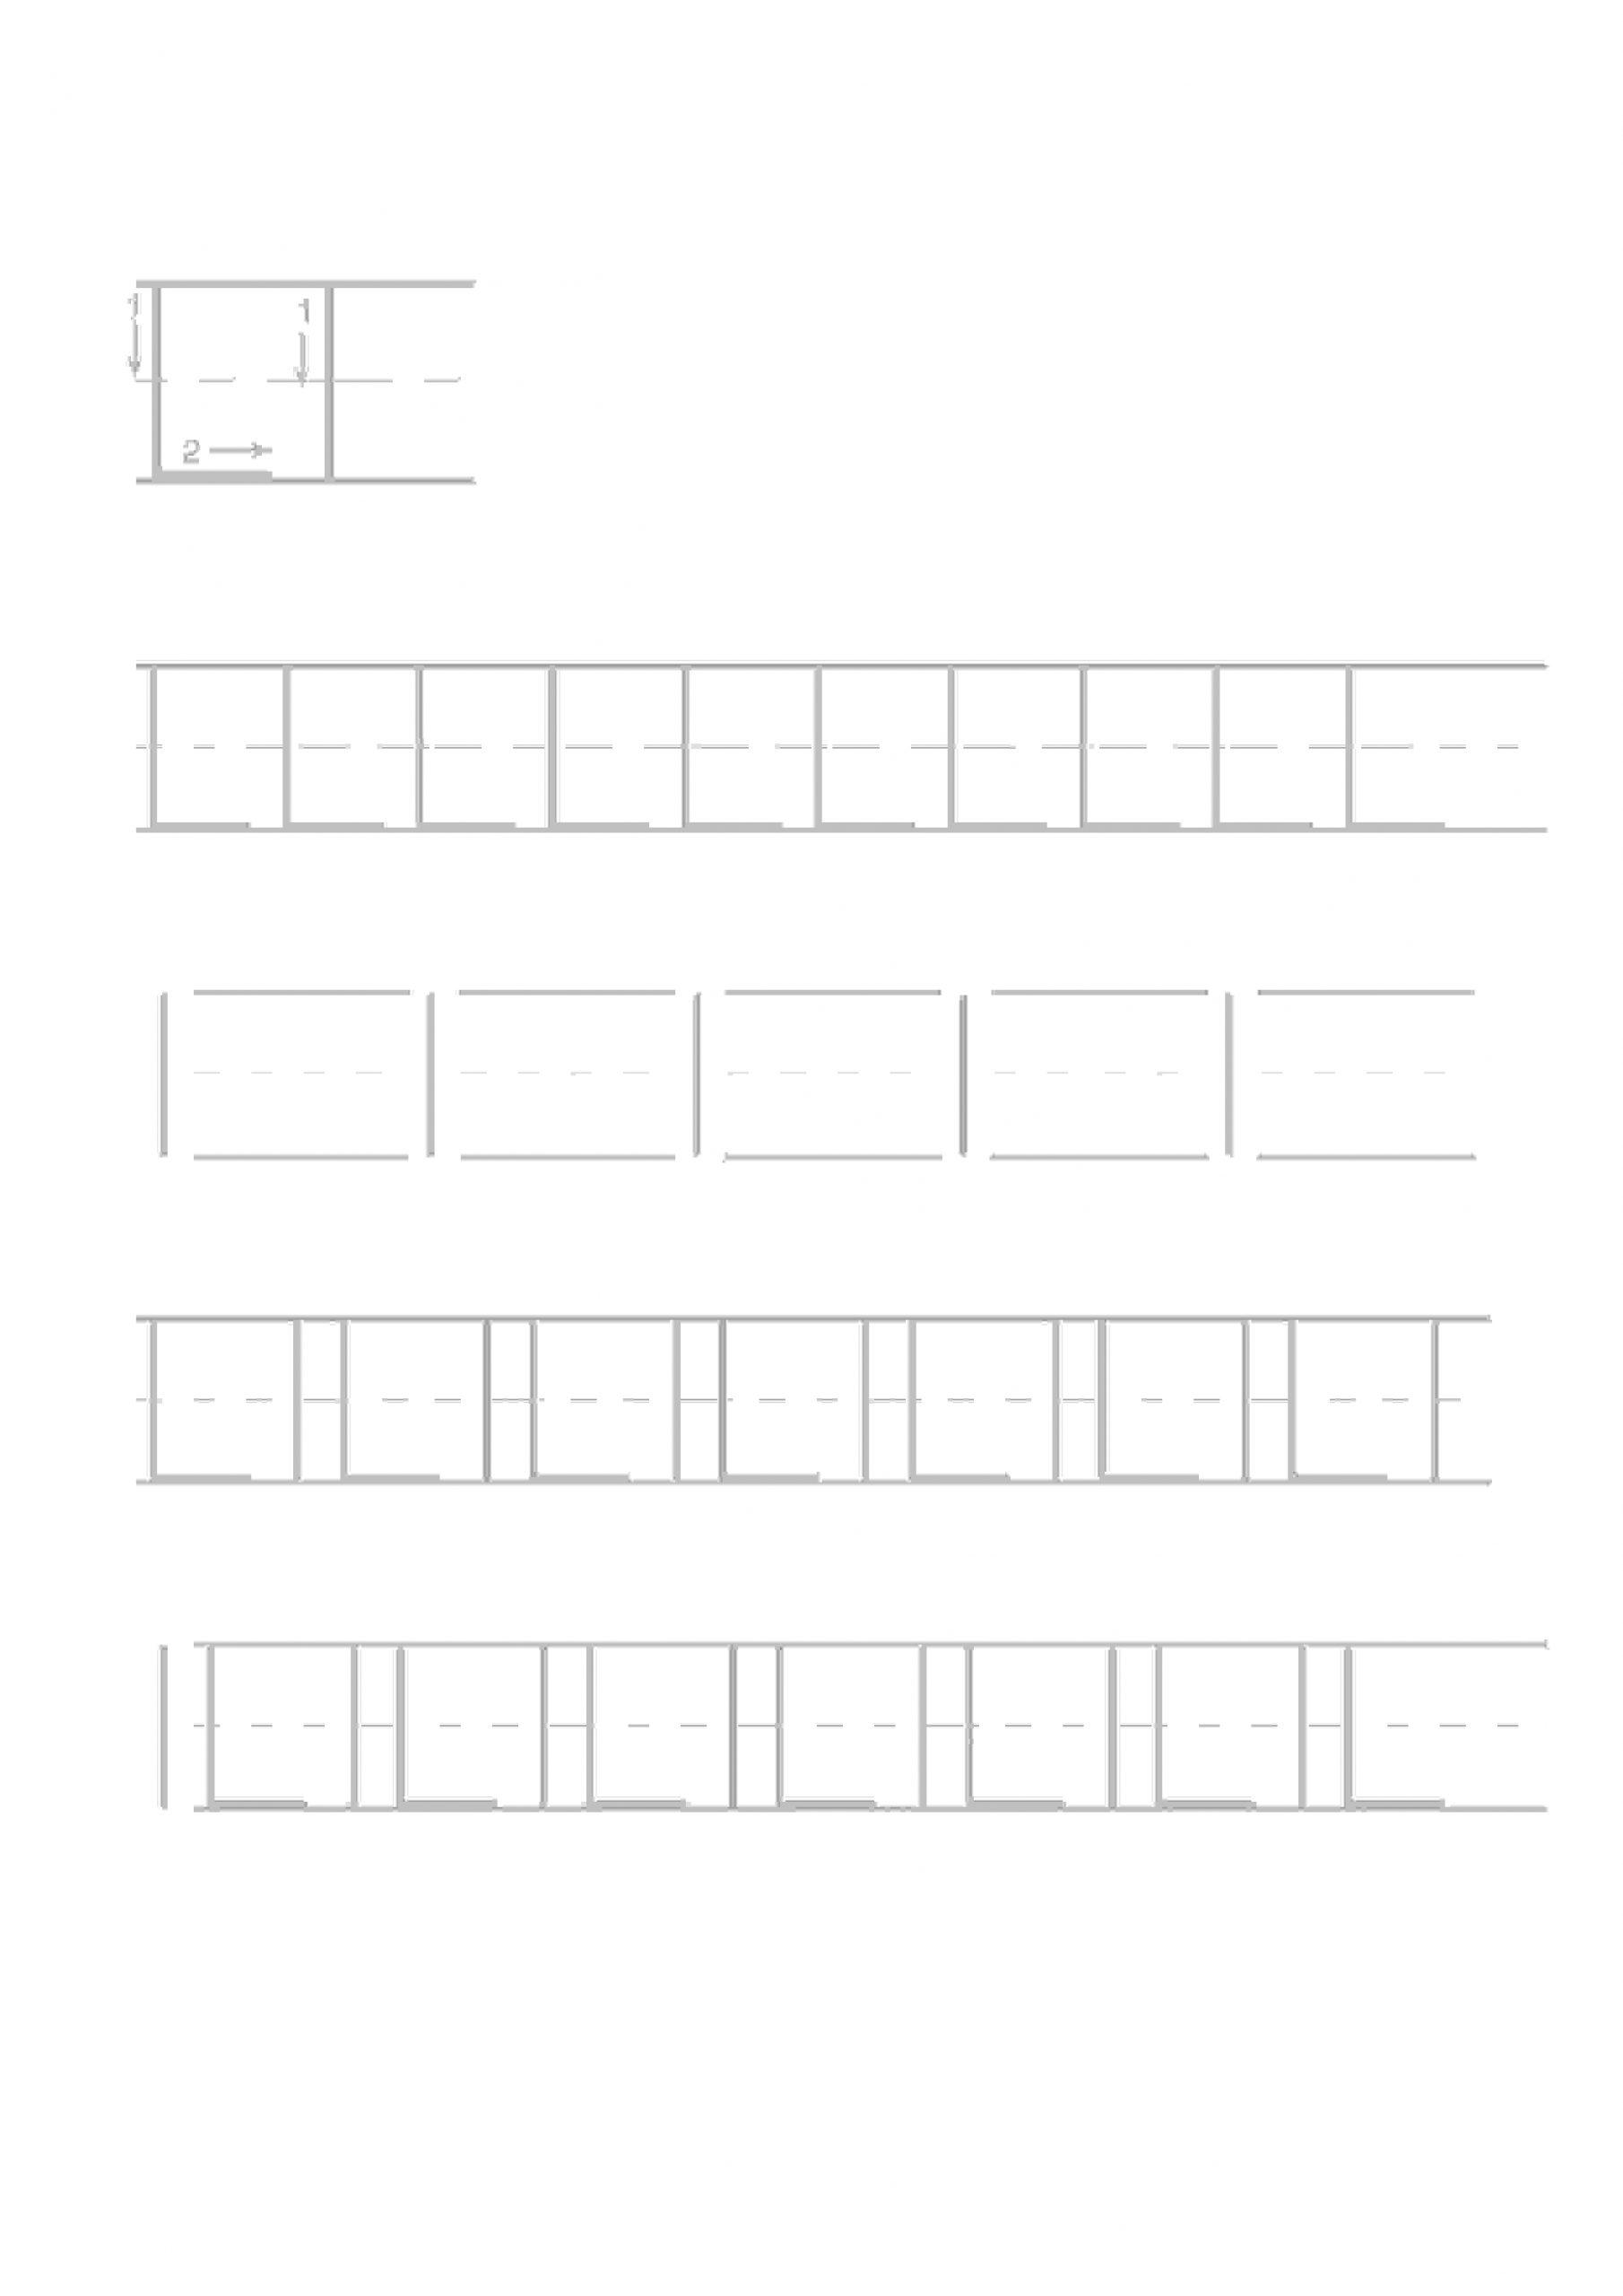 Exercices Pour Enfants De Maternelle Calligraphie Alphabet 12 destiné Exercices Maternelle A Imprimer Gratuit